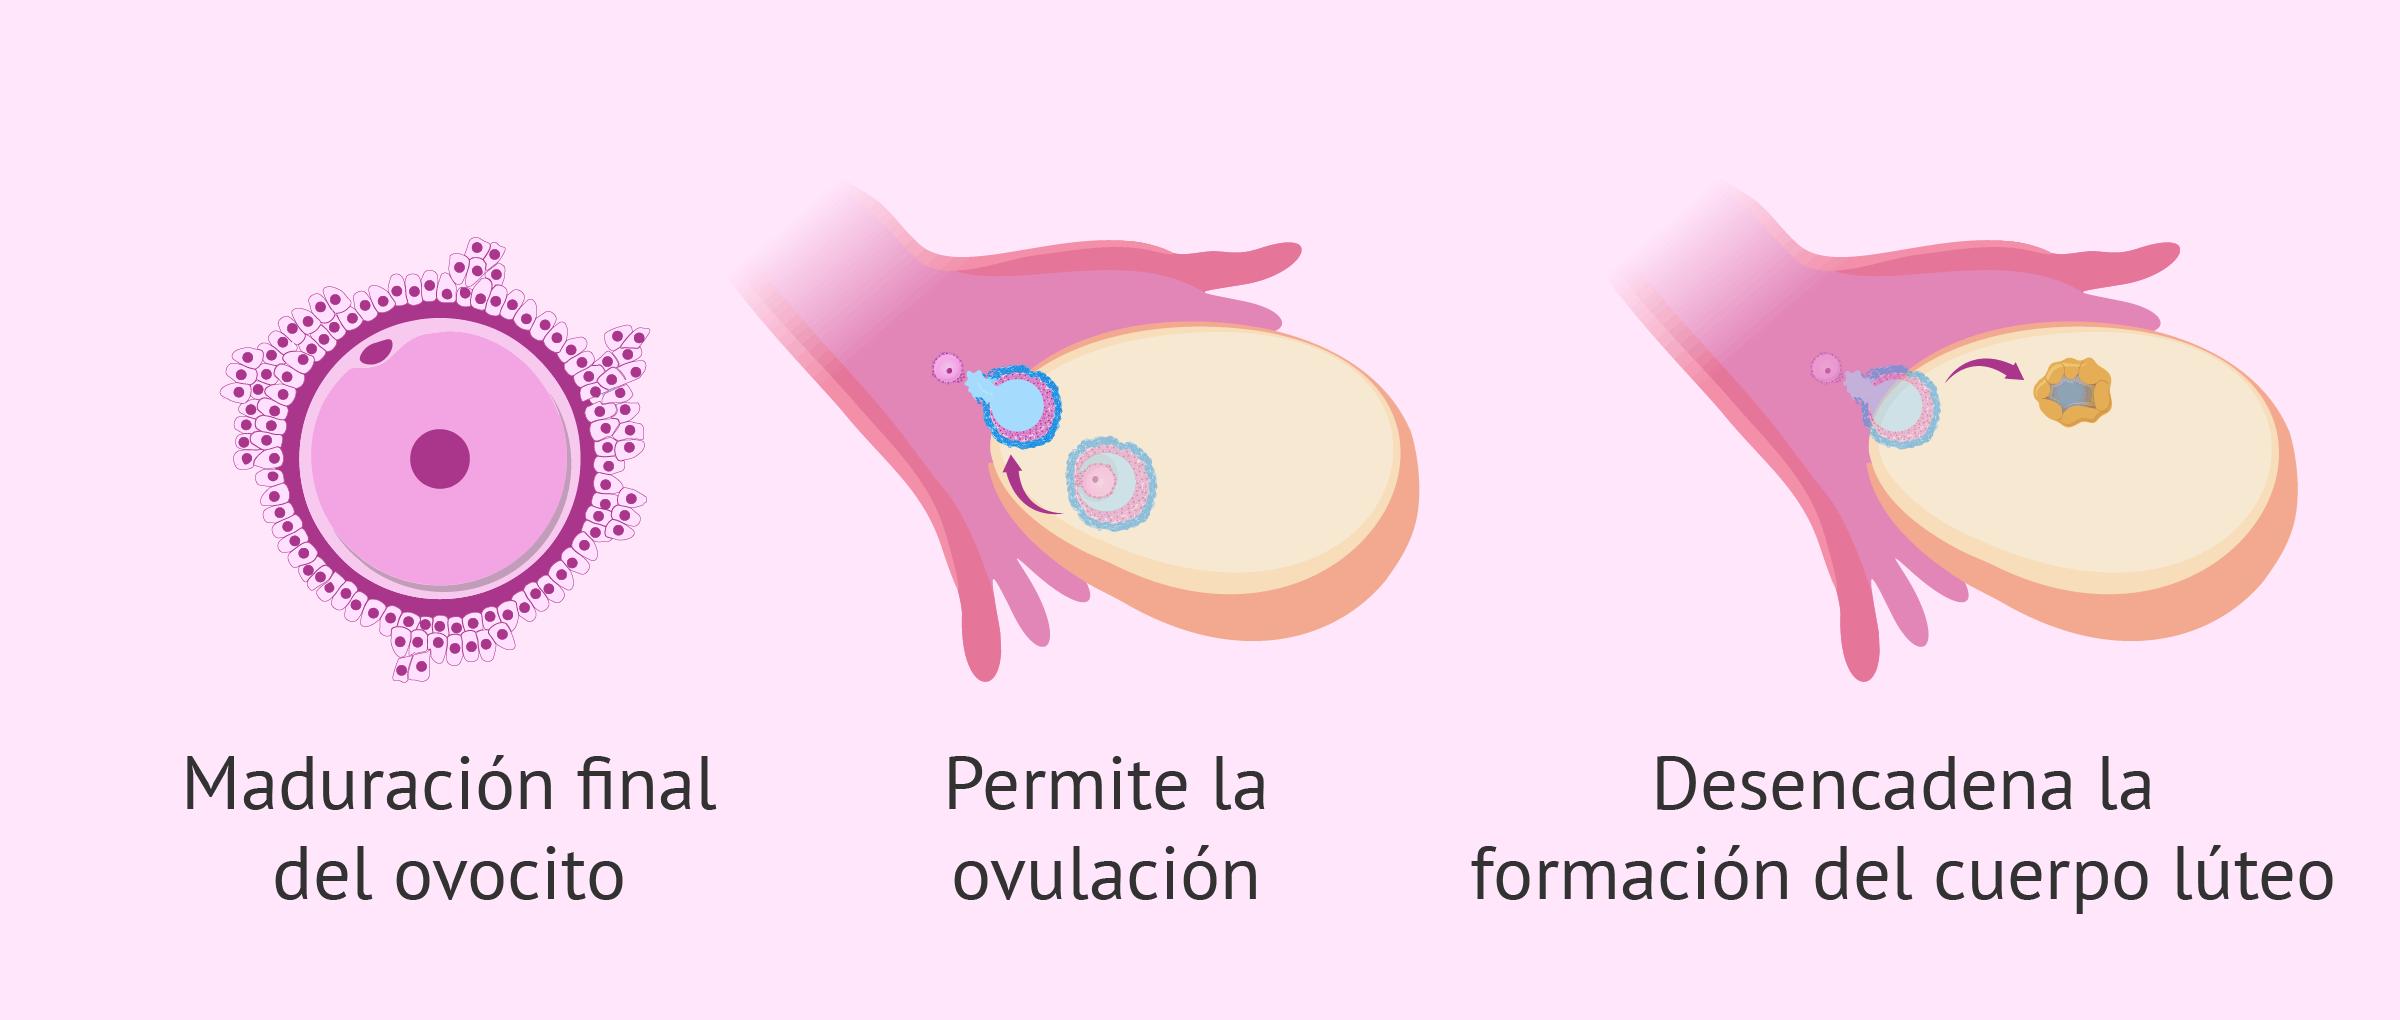 Mecanismos de acción de Ovitrelle